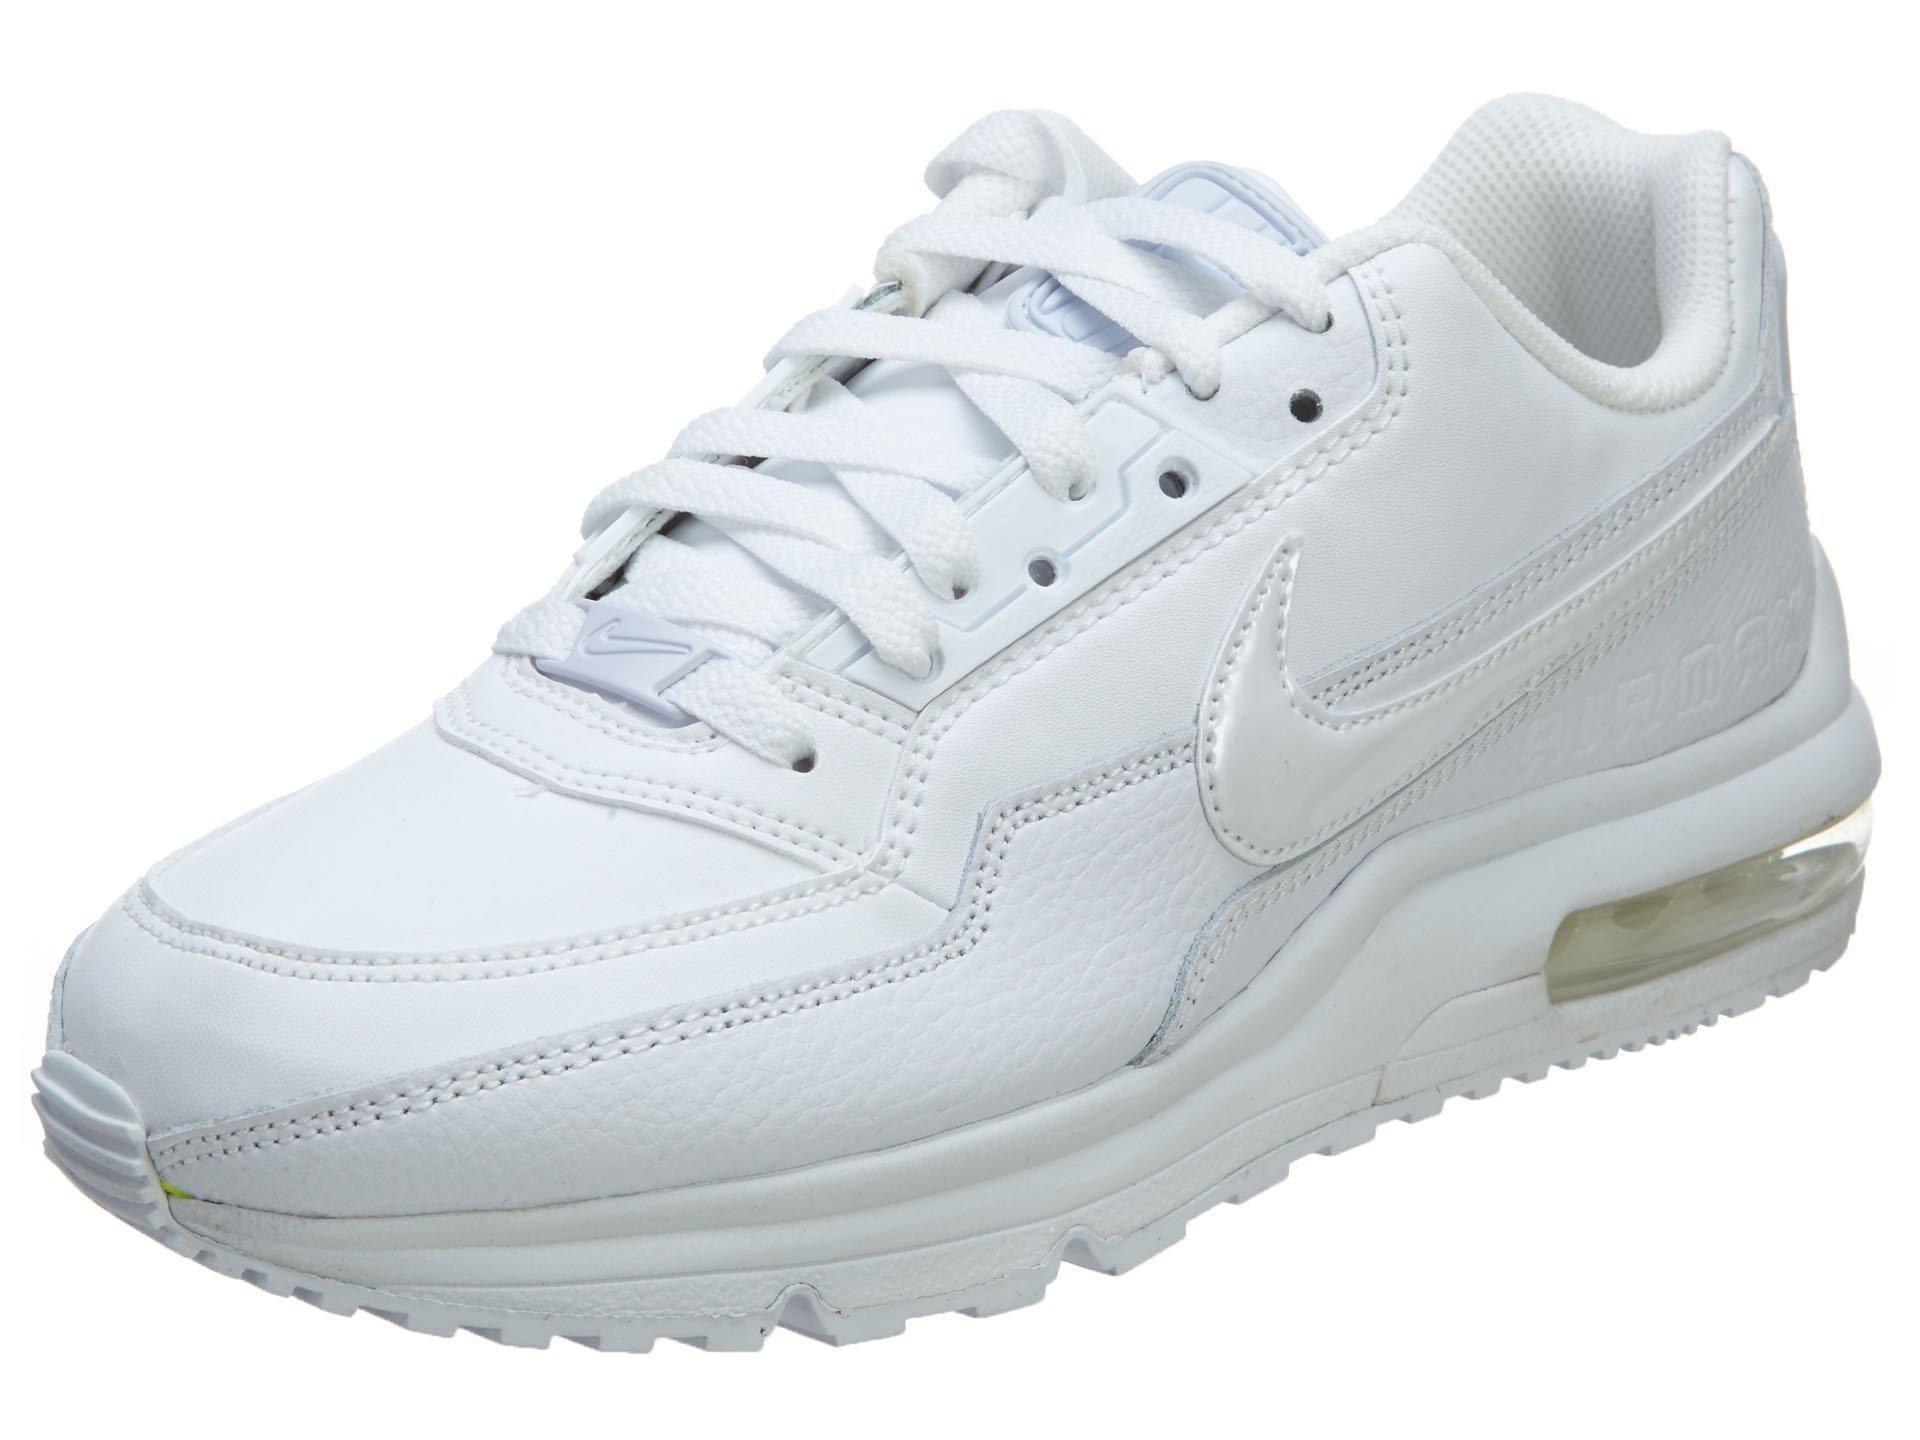 Nike Zapatos 9 Blanco Tamaño Ltd Max Para 687977111 Air Hombre Rq7r6R